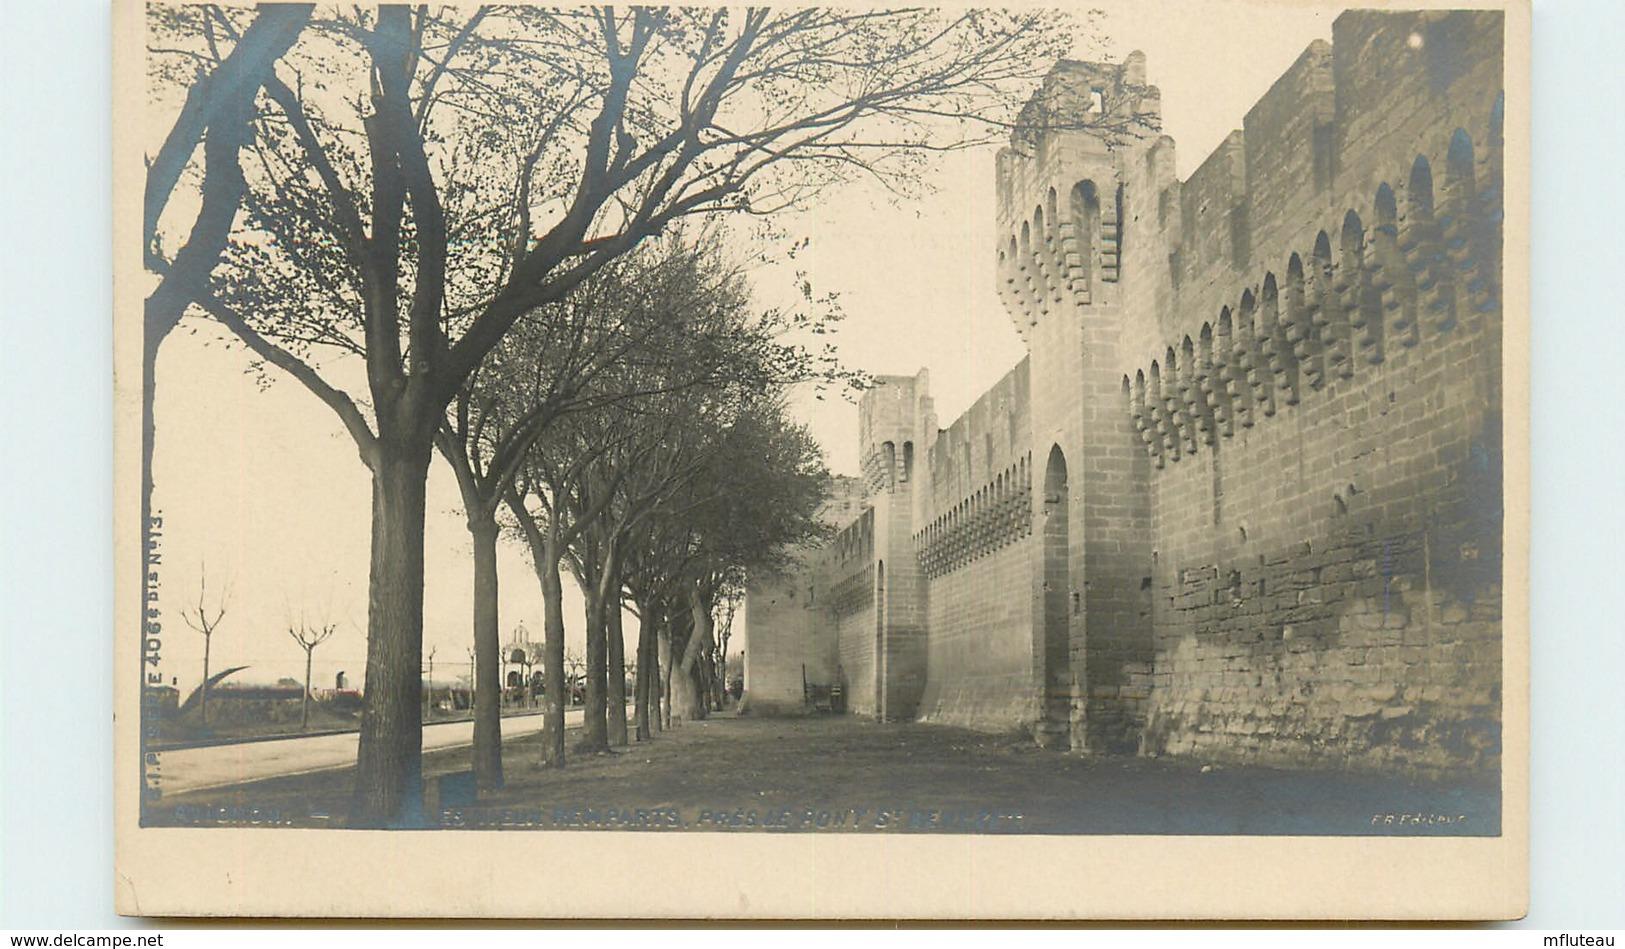 84* AVIGNON                MA44-1002 - Avignon (Palais & Pont)